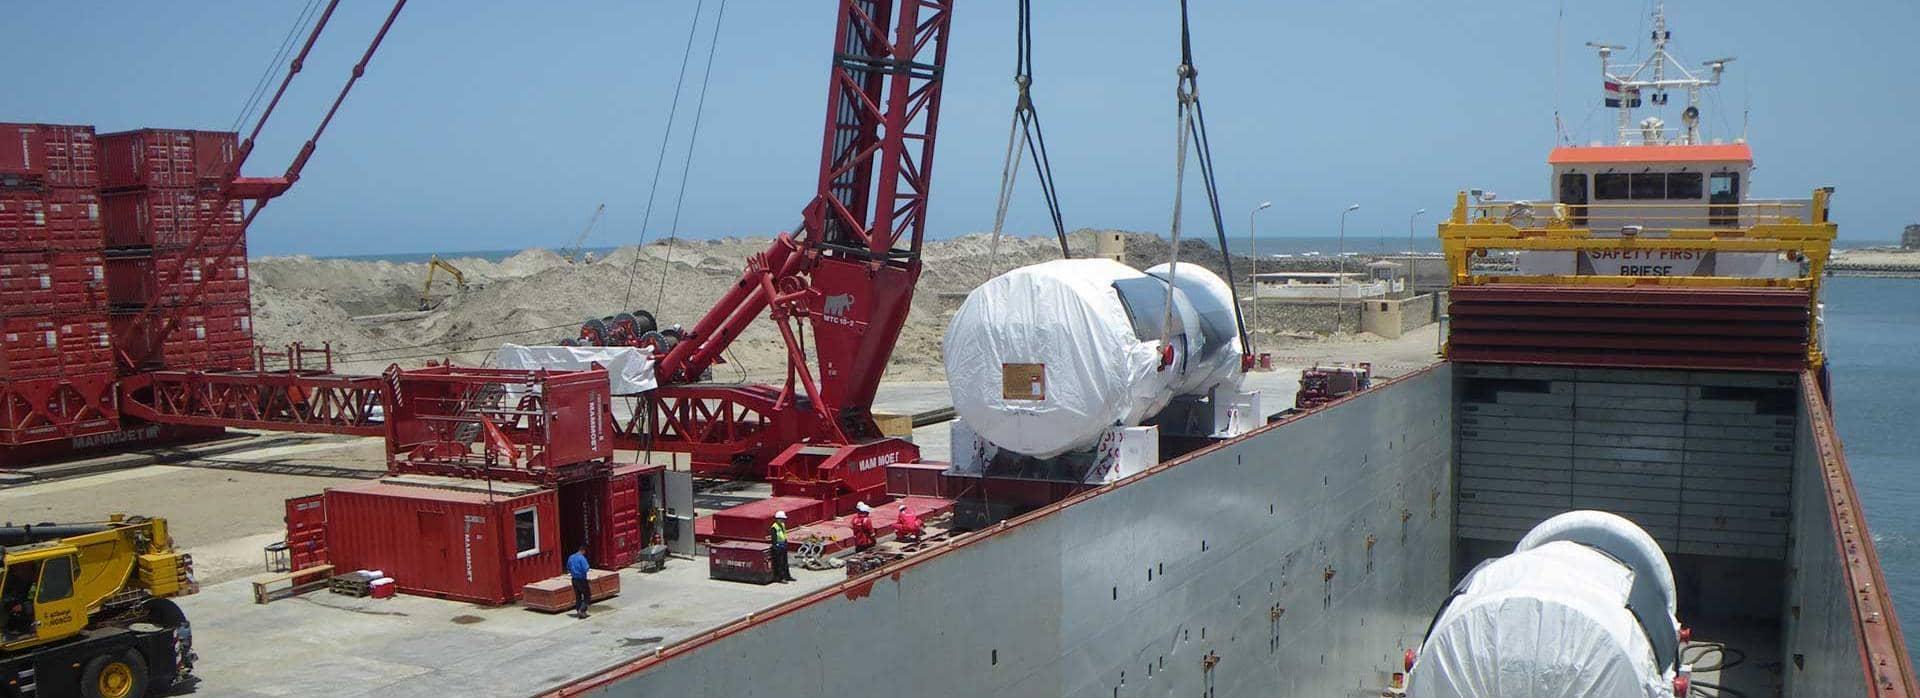 부룰루스에서 600톤 크레인으로 터빈 하역